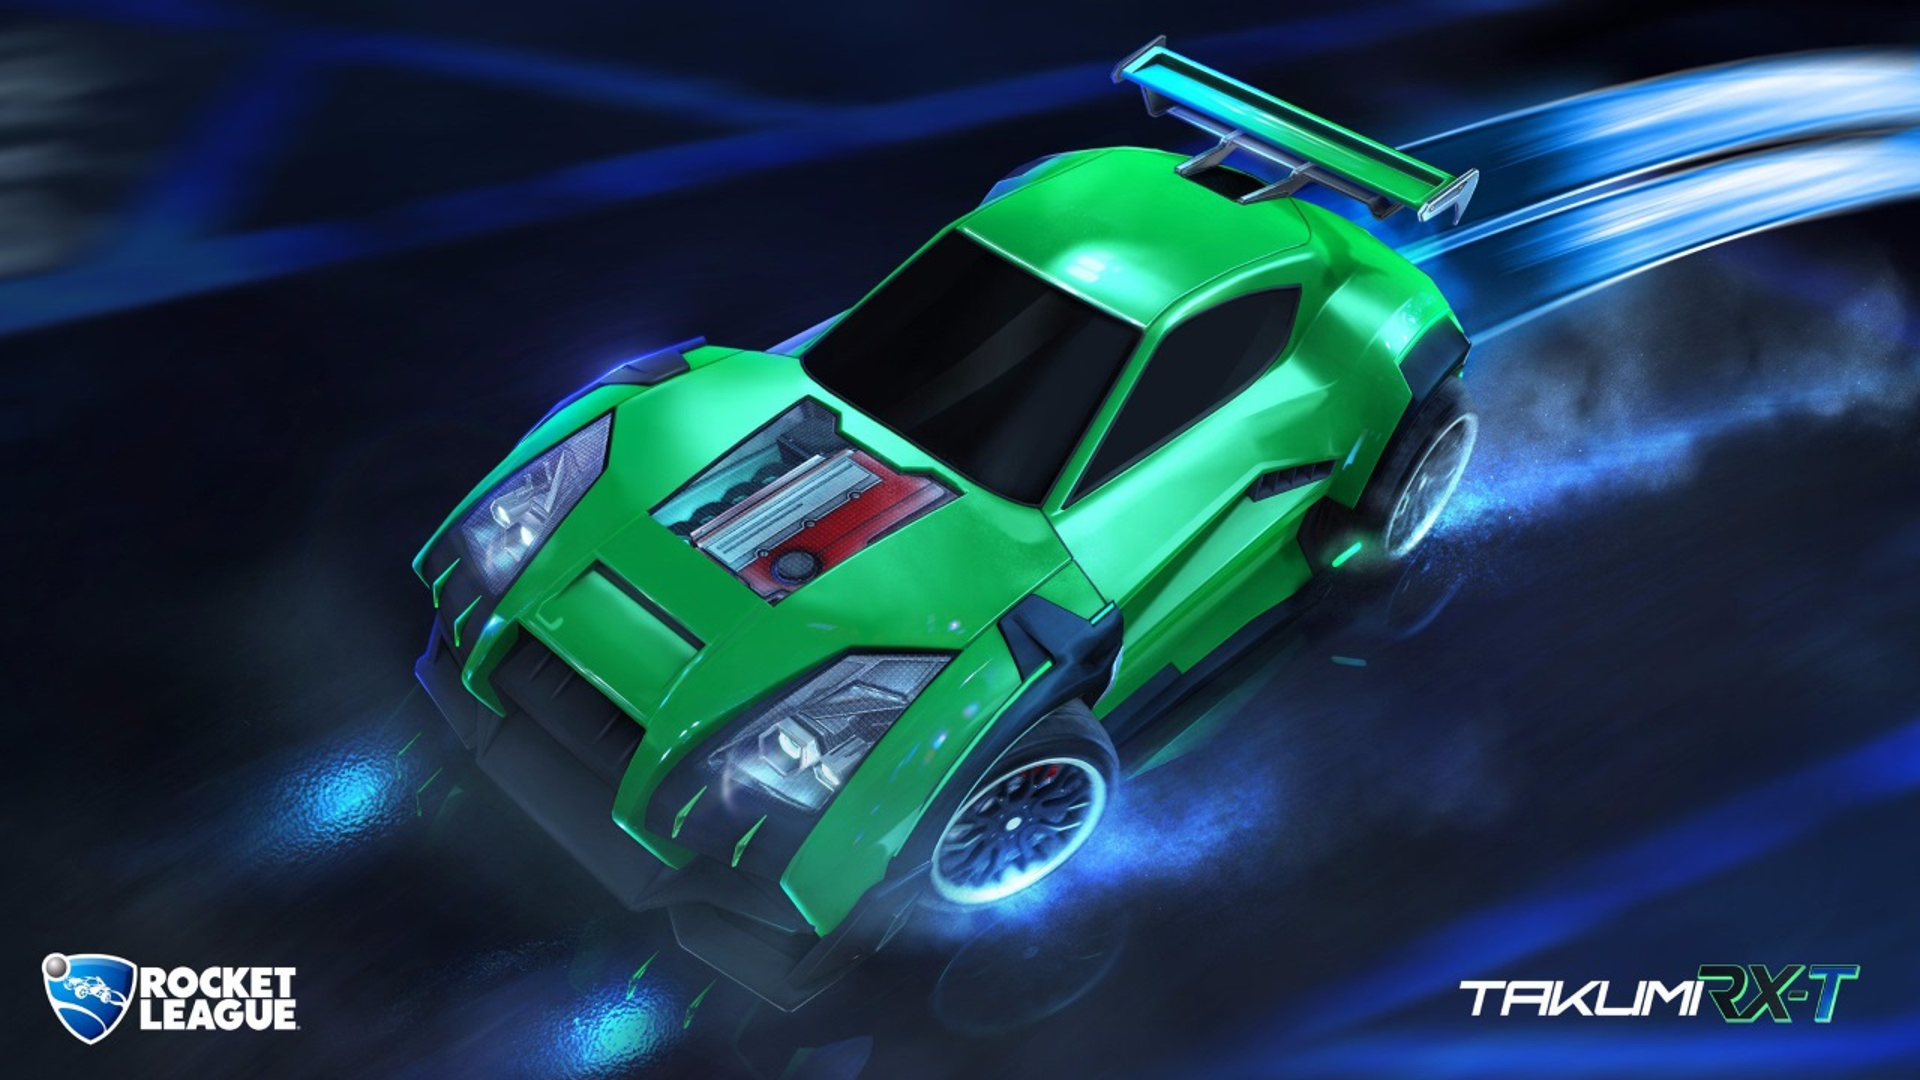 Rocket League Garage >> Takumi RX-T | Rocket League Wiki | Fandom